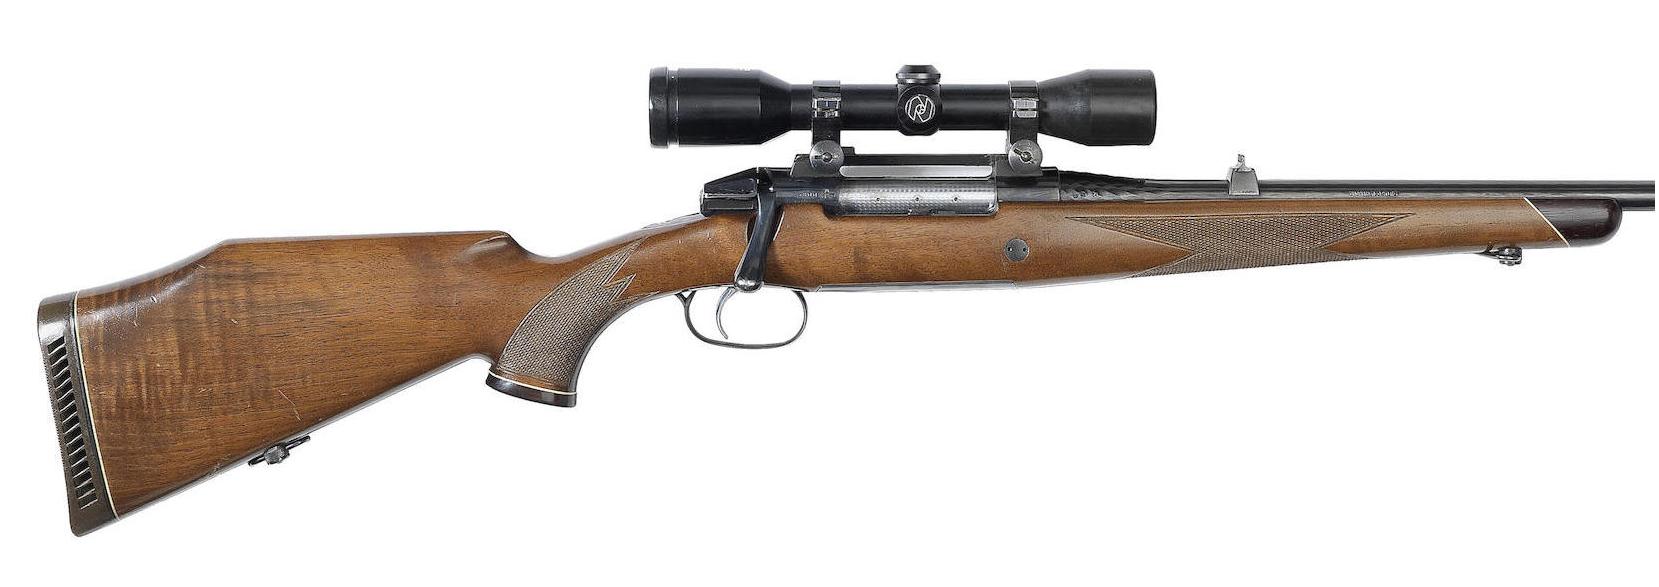 Mannlicher-Schönauer Rifles for Sale-4-M72